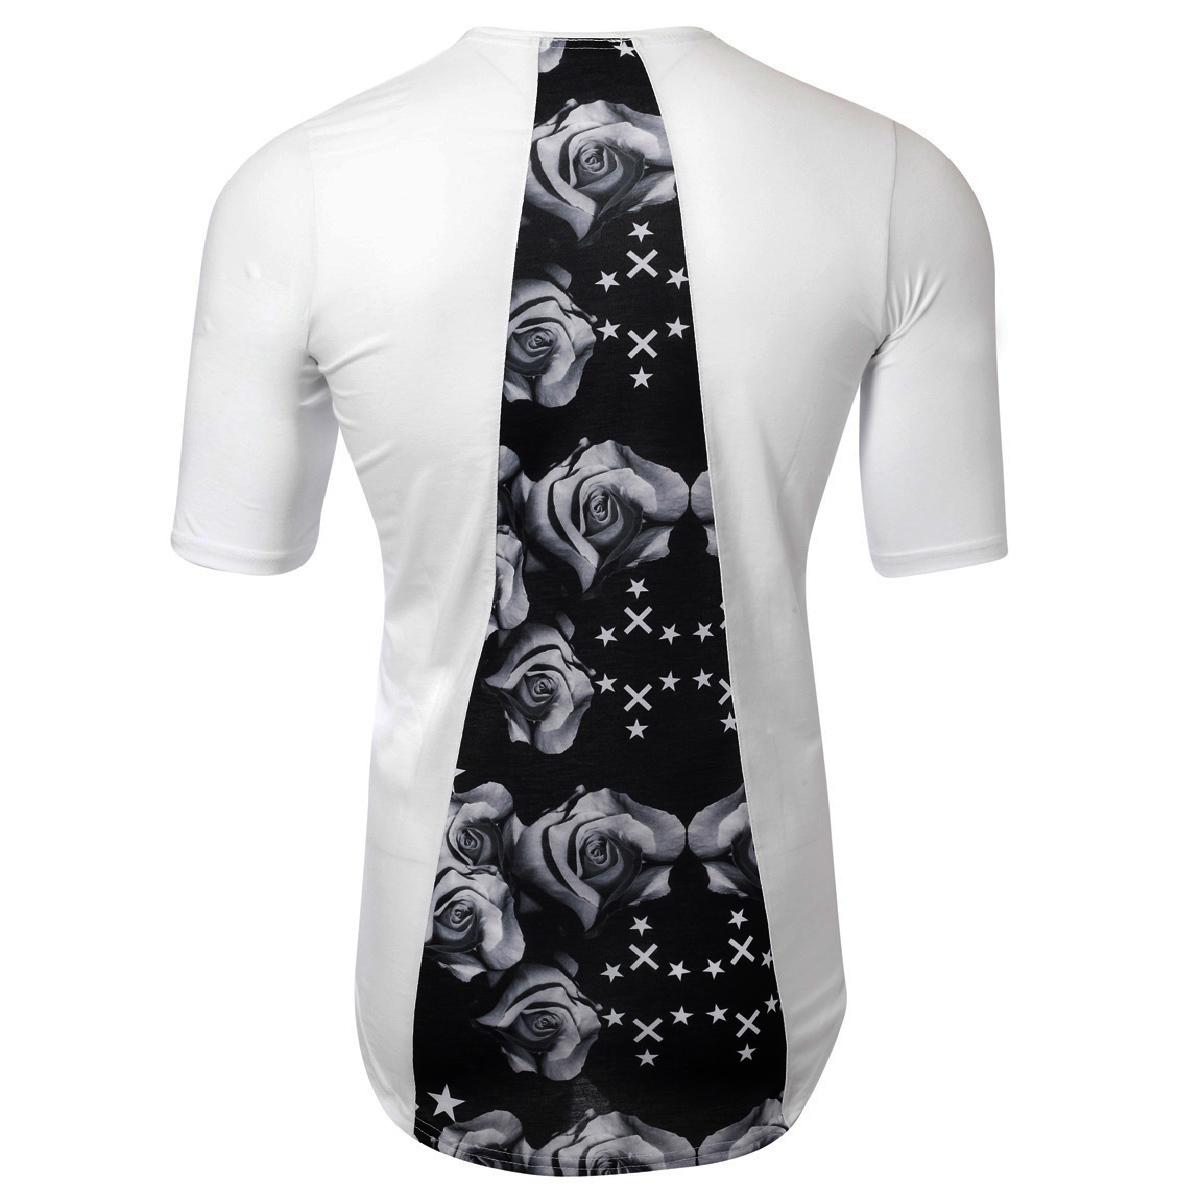 Ανδρικό T-Shirt Grey Rose-Μπορντό αρχική ανδρικά ρούχα επιλογή ανά προϊόν t shirts